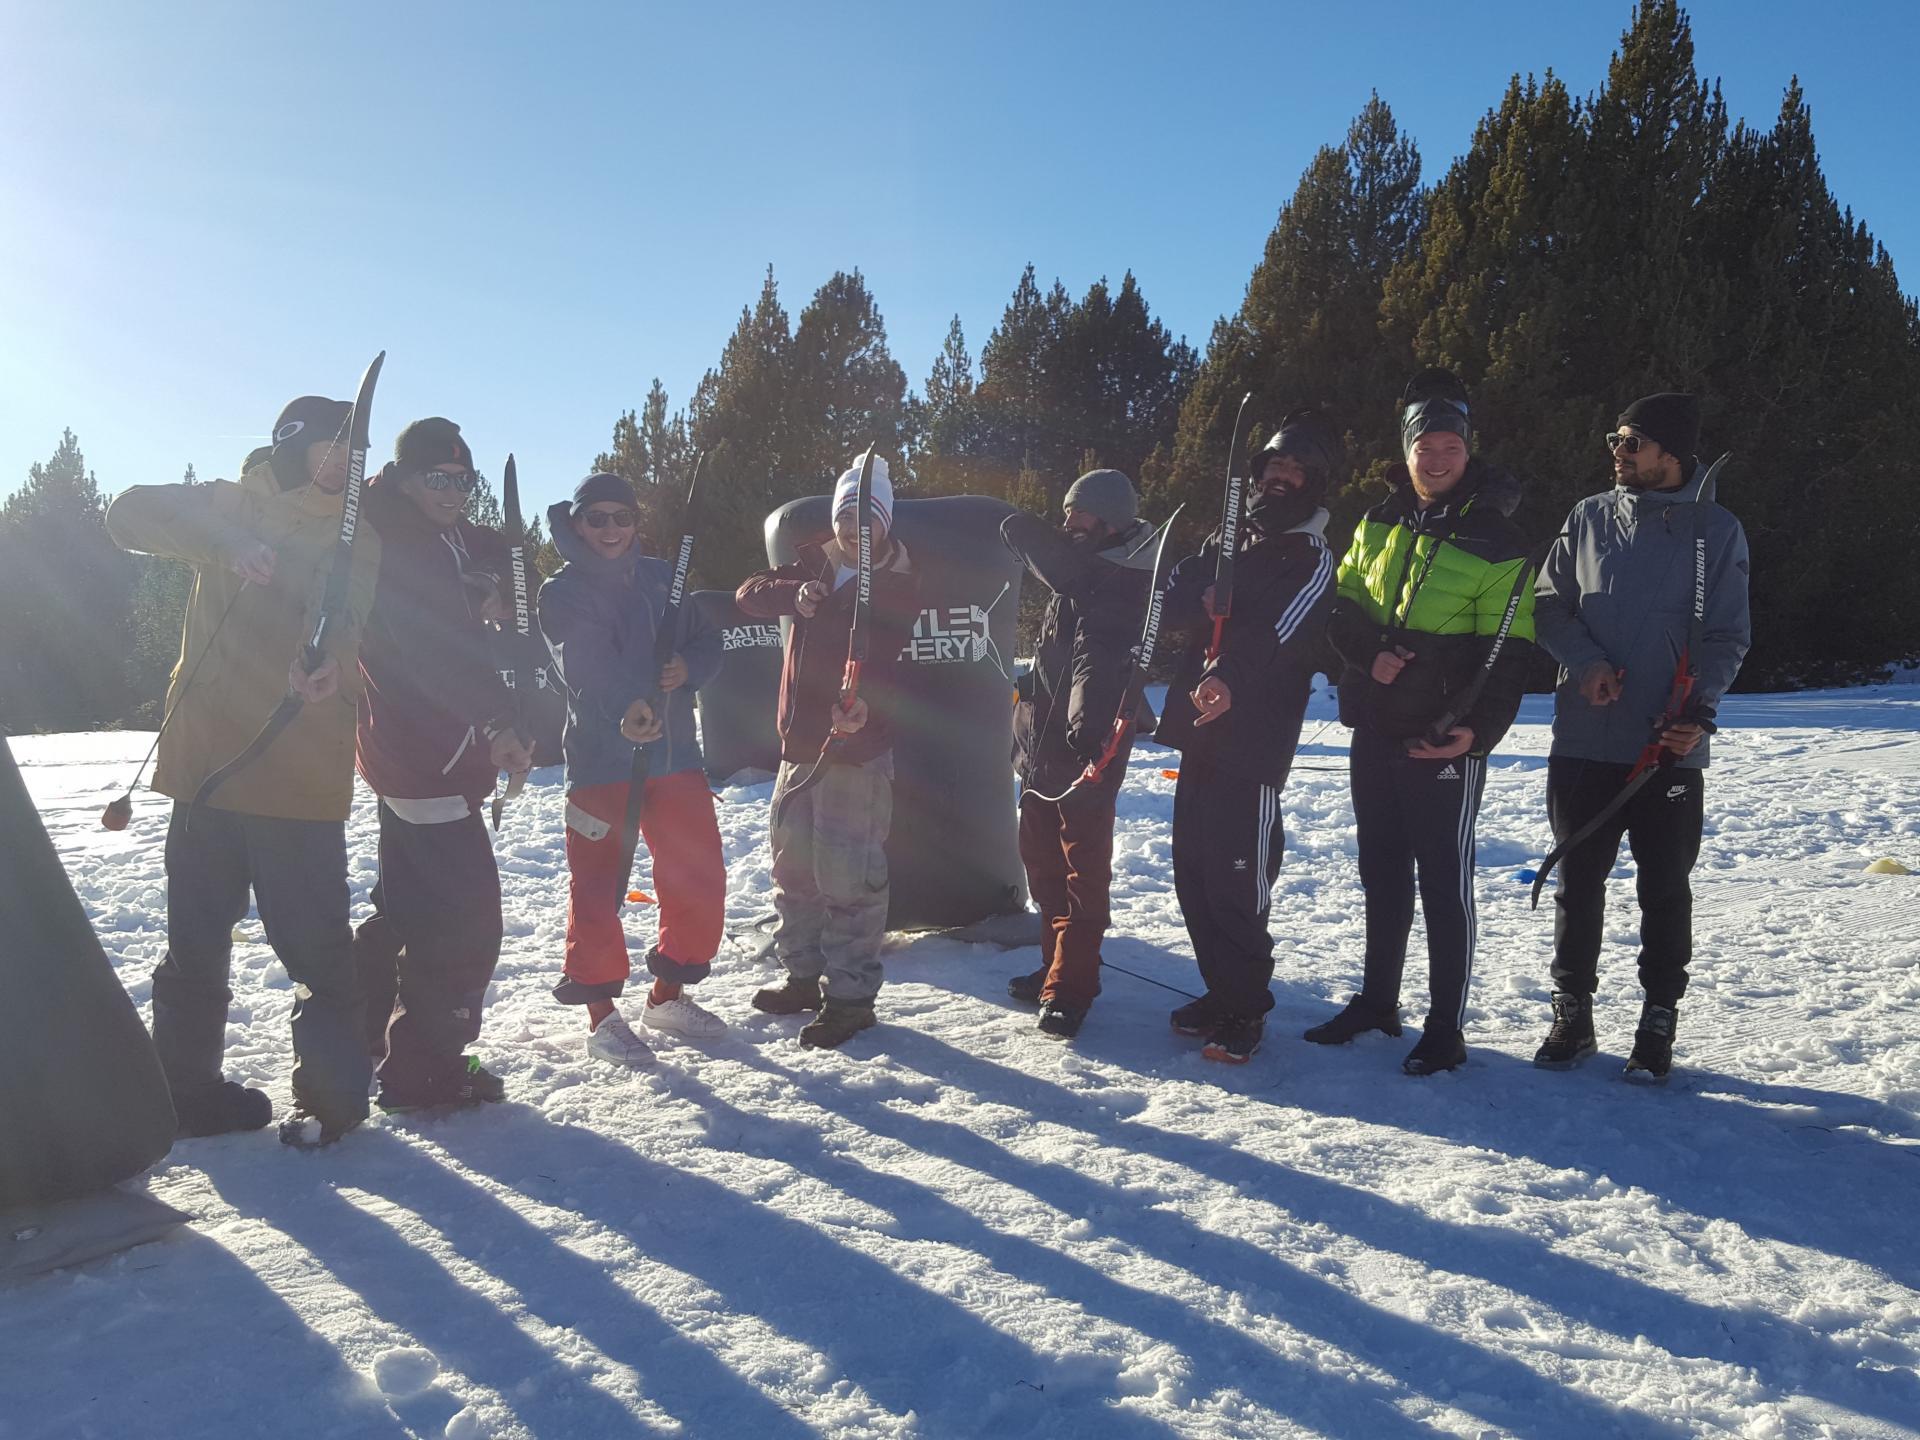 Battle Archery sur la neige à Font Romeu